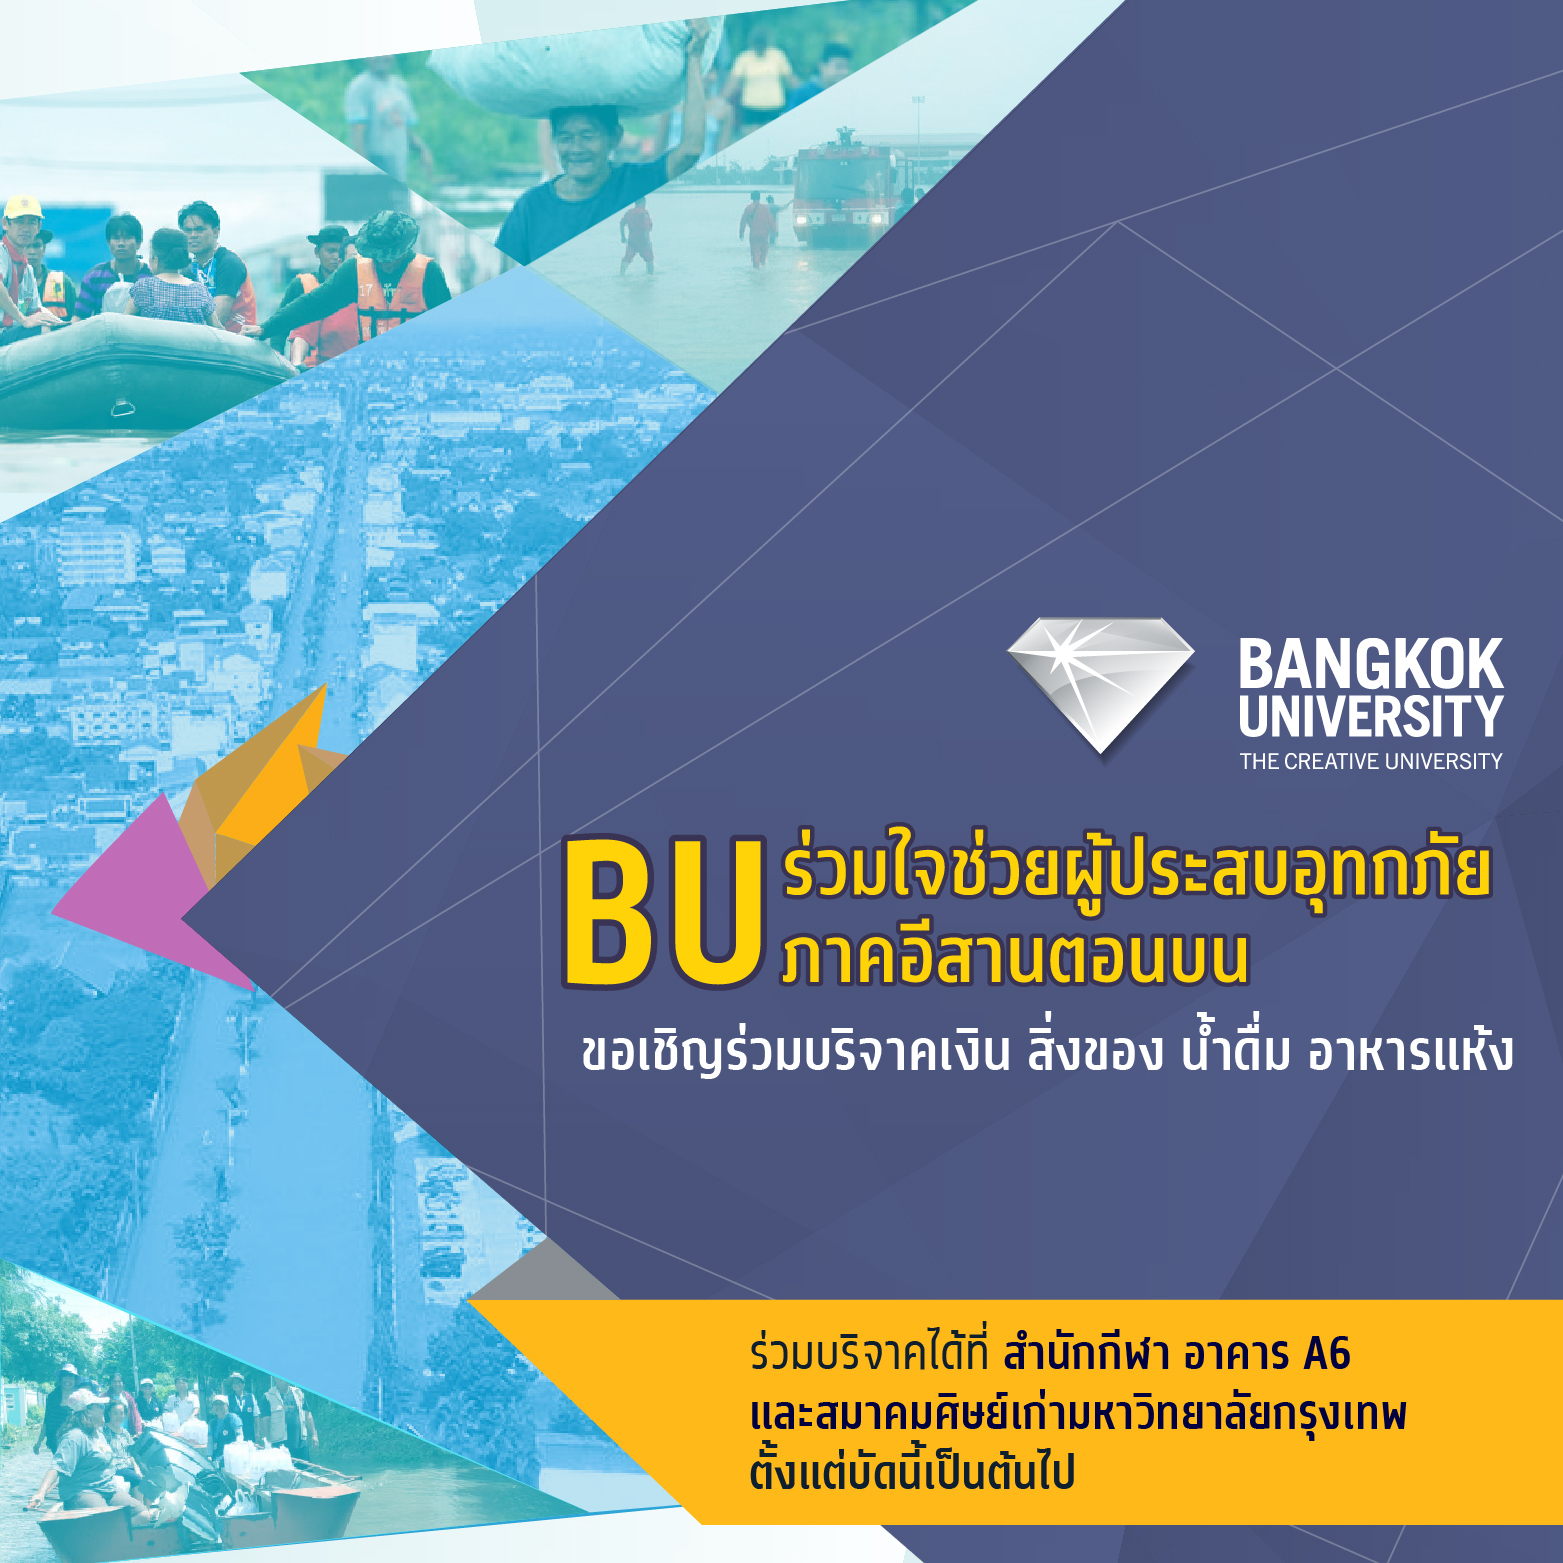 bu news_60_08_01_hotnews[t]-01